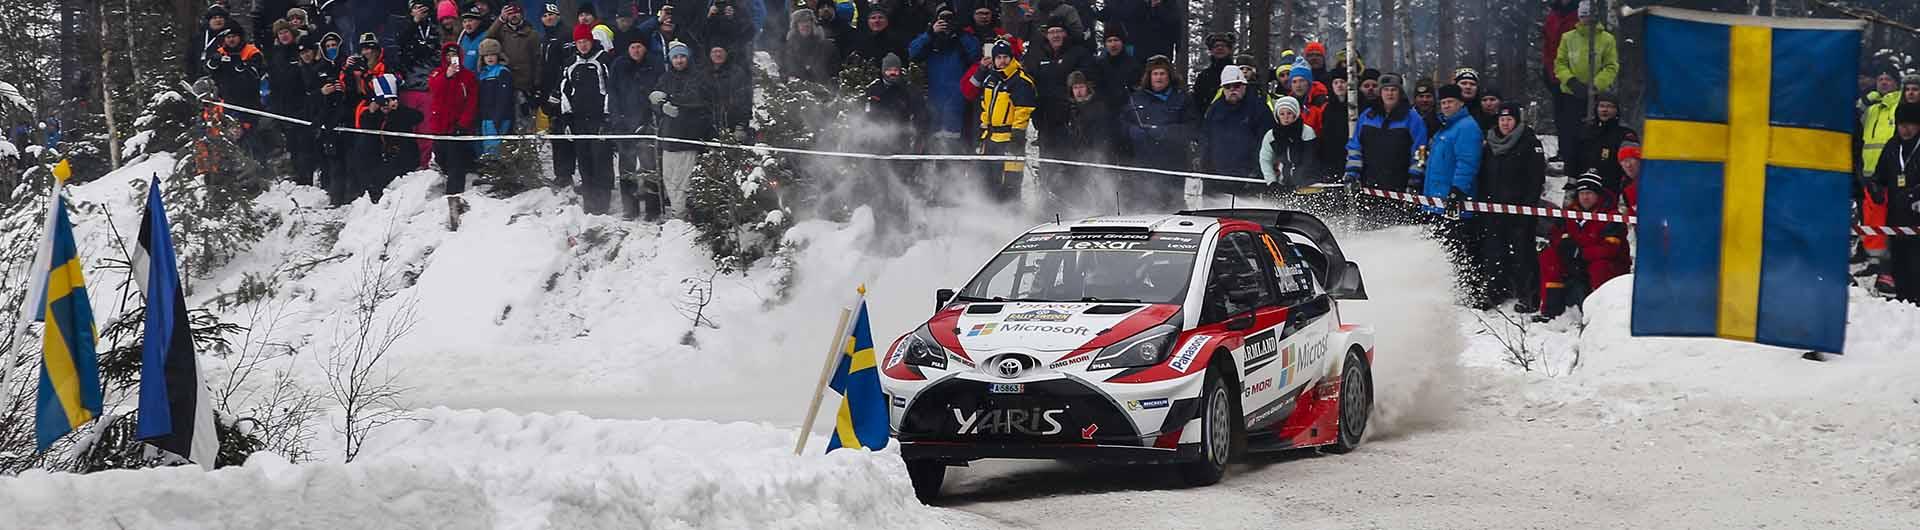 Jari-Matti Latvala vence na Suécia